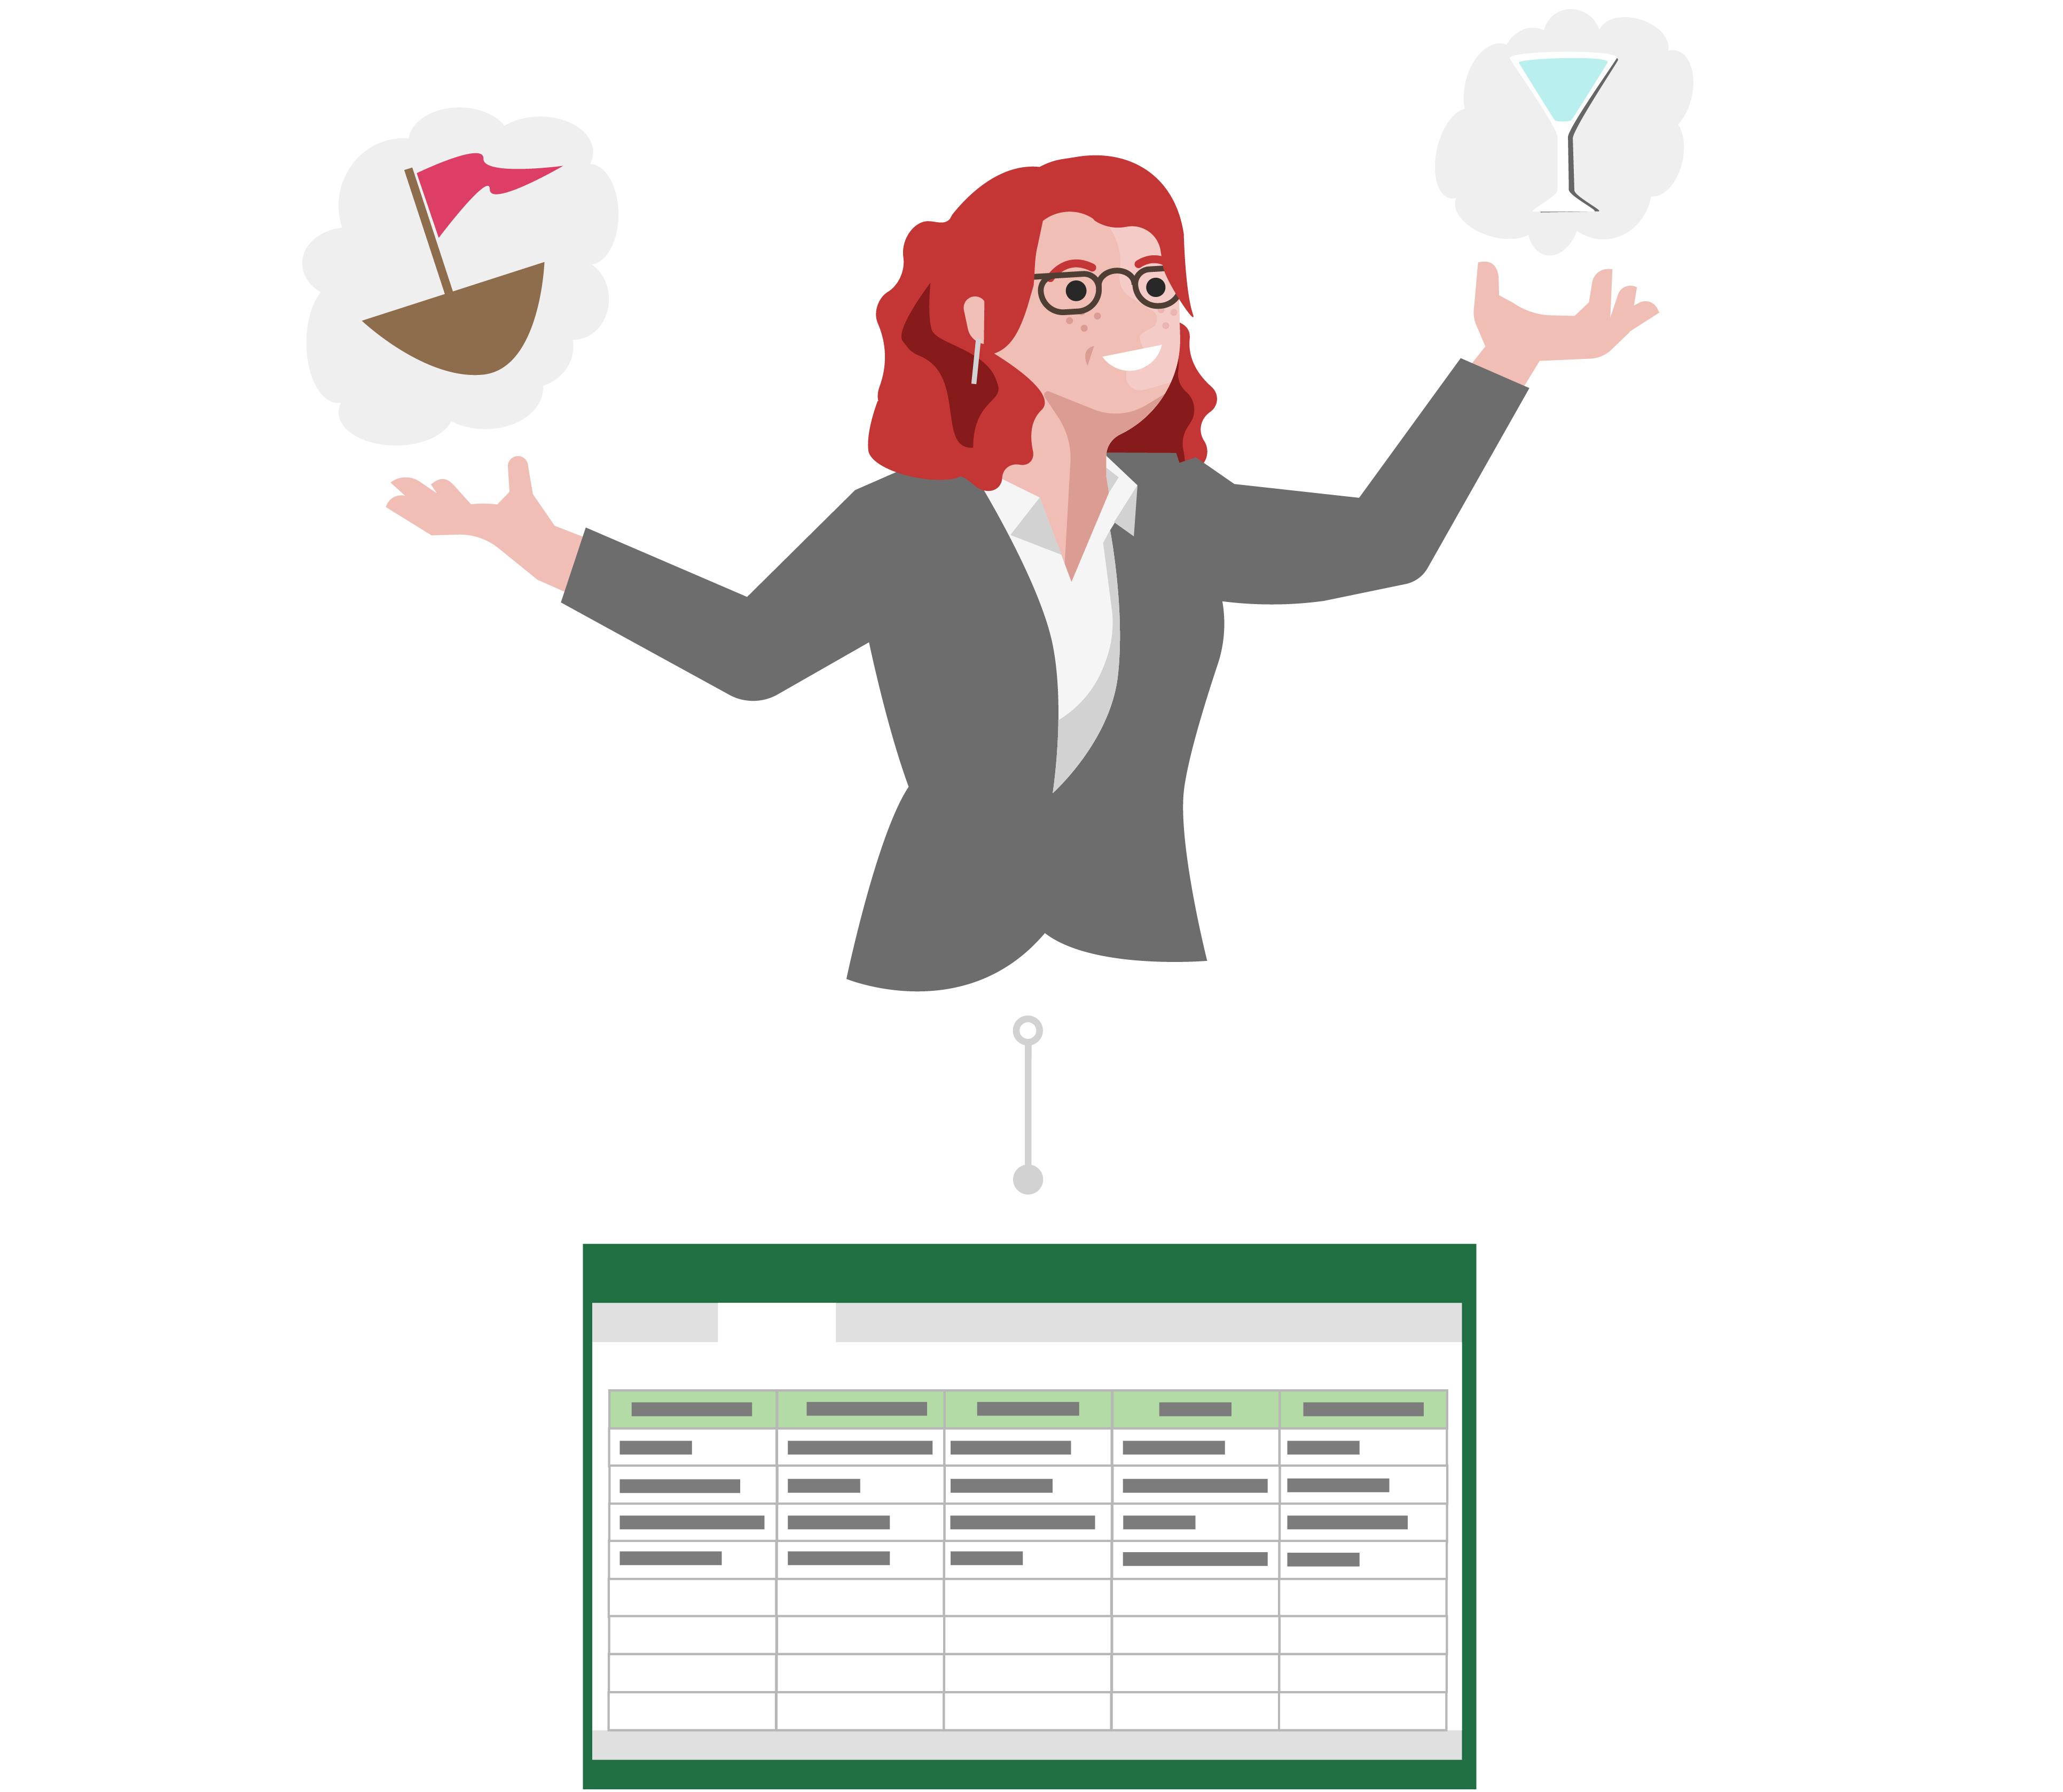 Linda はアイデアについてのフィードバックを必要としているため、スプレッドシートを作成してクラウドに保存します。